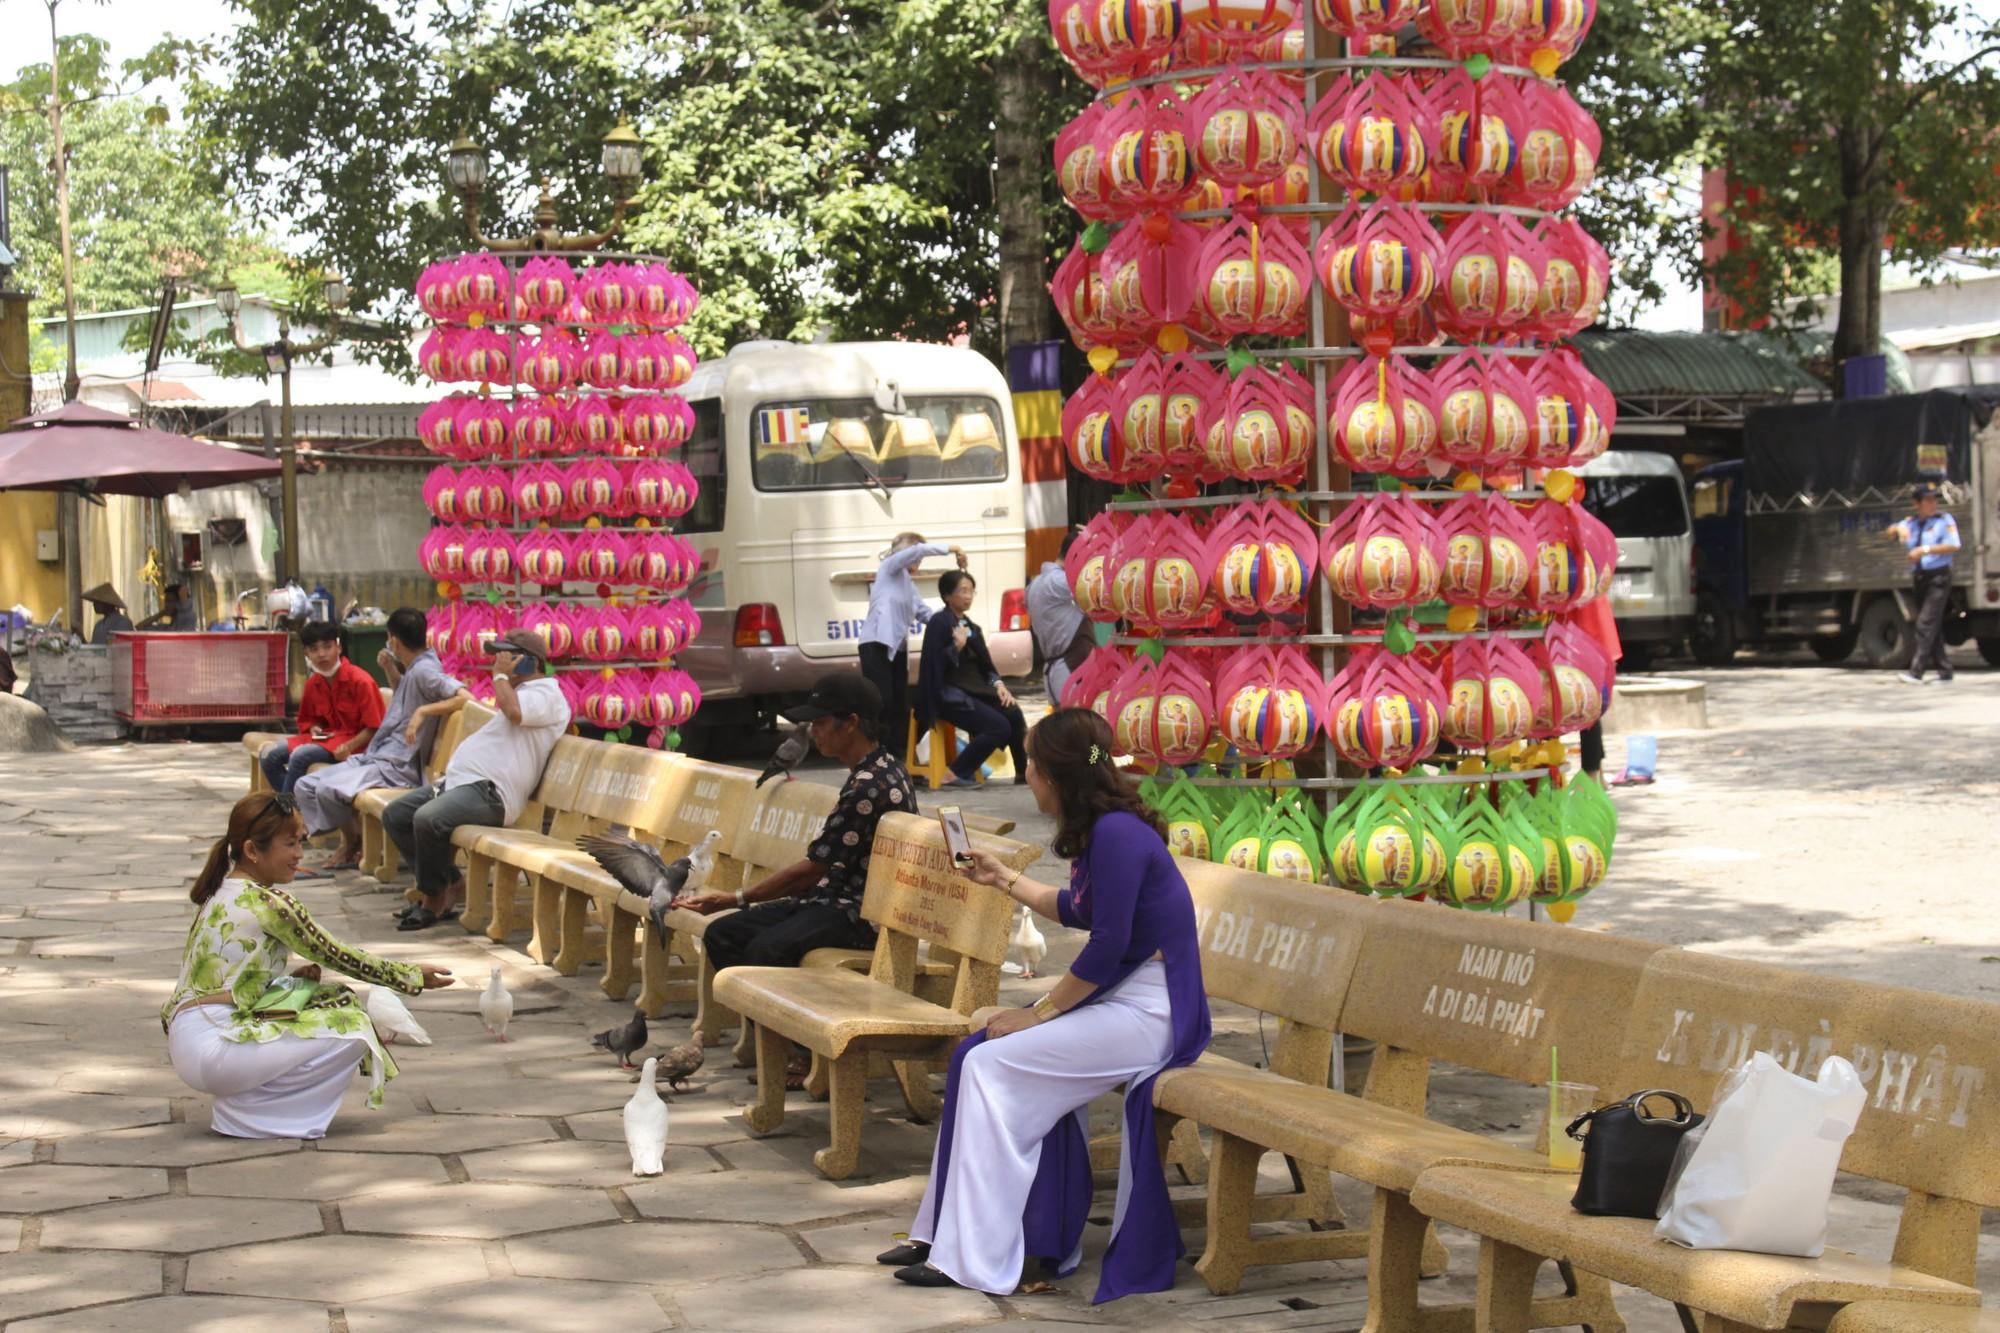 Thăm ngôi chùa lớn nhất TP HCM trước ngày lễ Phật Đản - Ảnh 8.